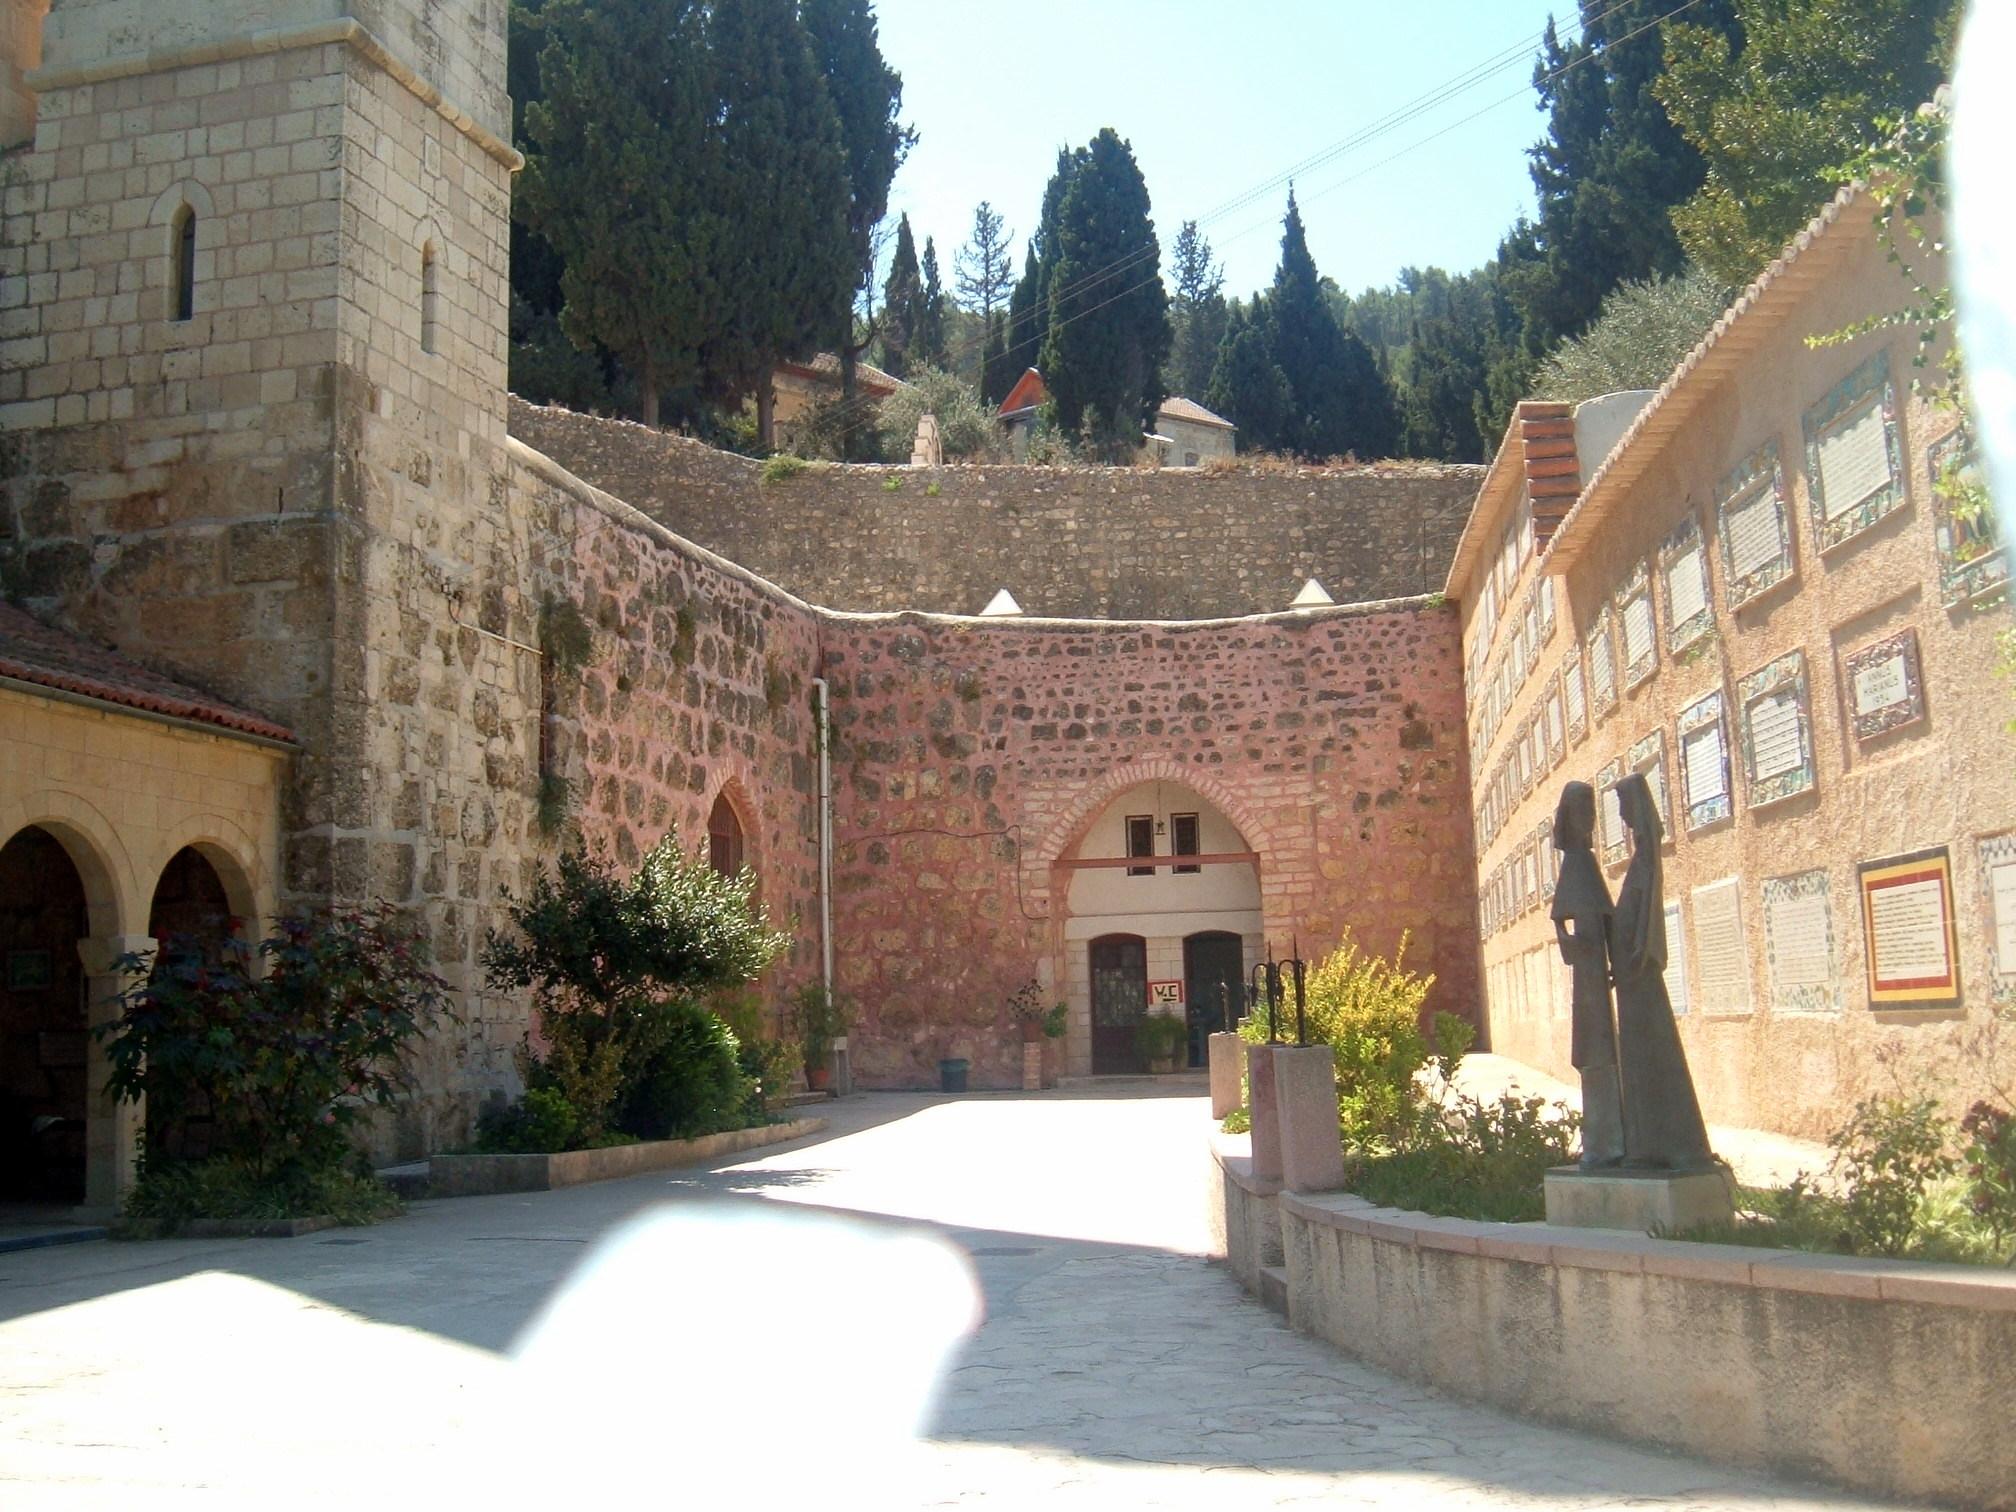 Церковь Посещения или Встречи Девы Марии и св. Елизаветы